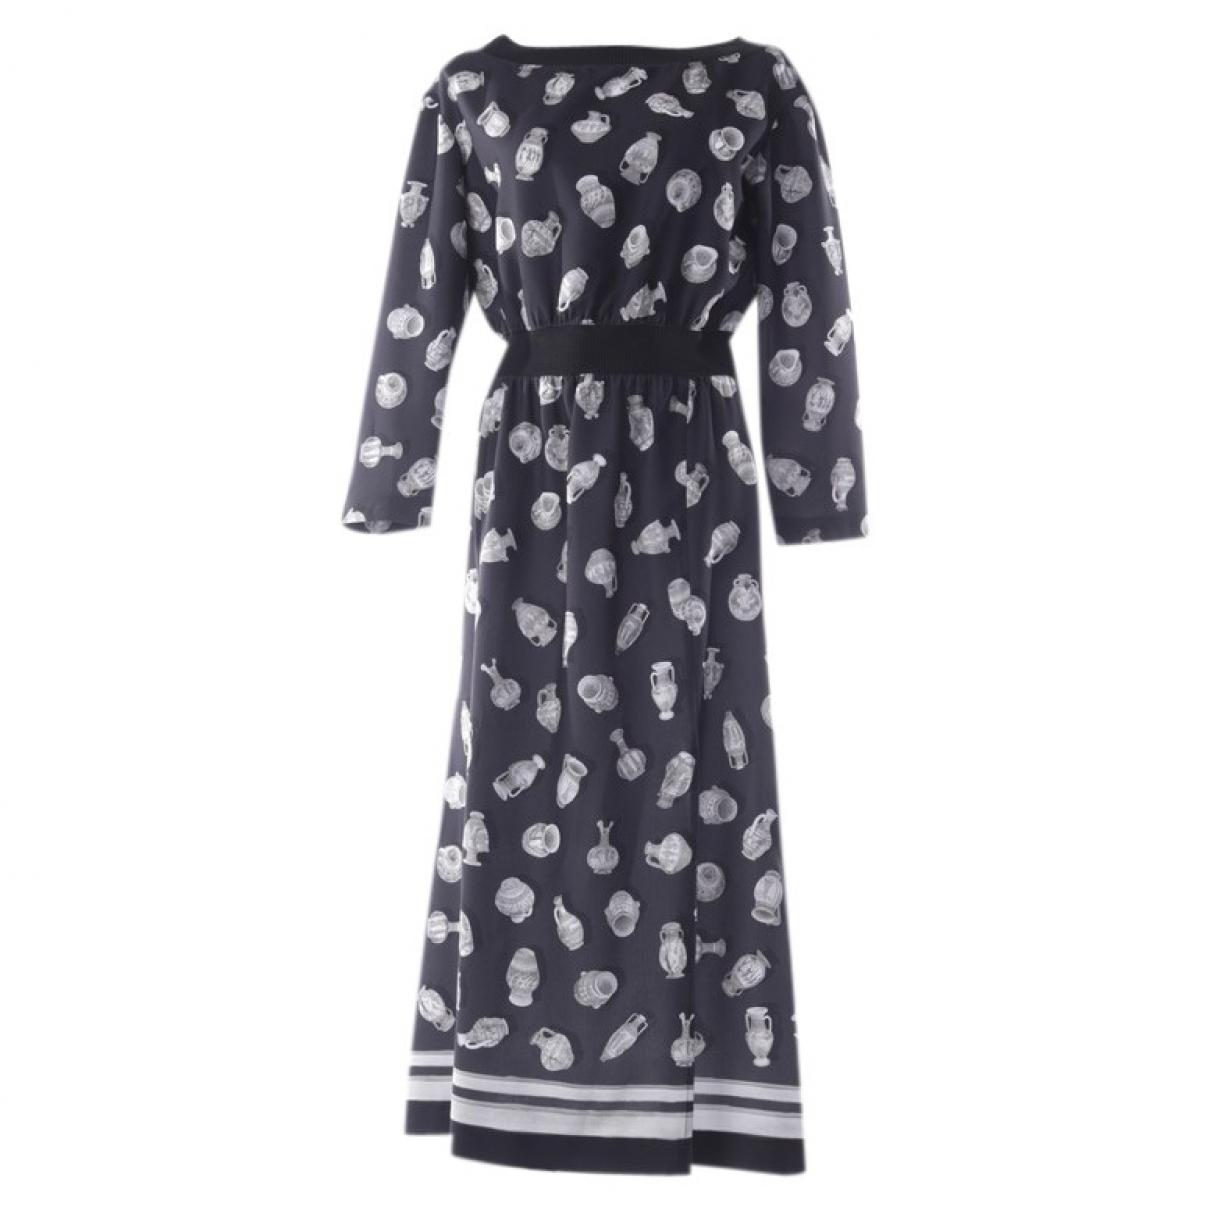 Altuzarra \N Kleid in  Grau Synthetik